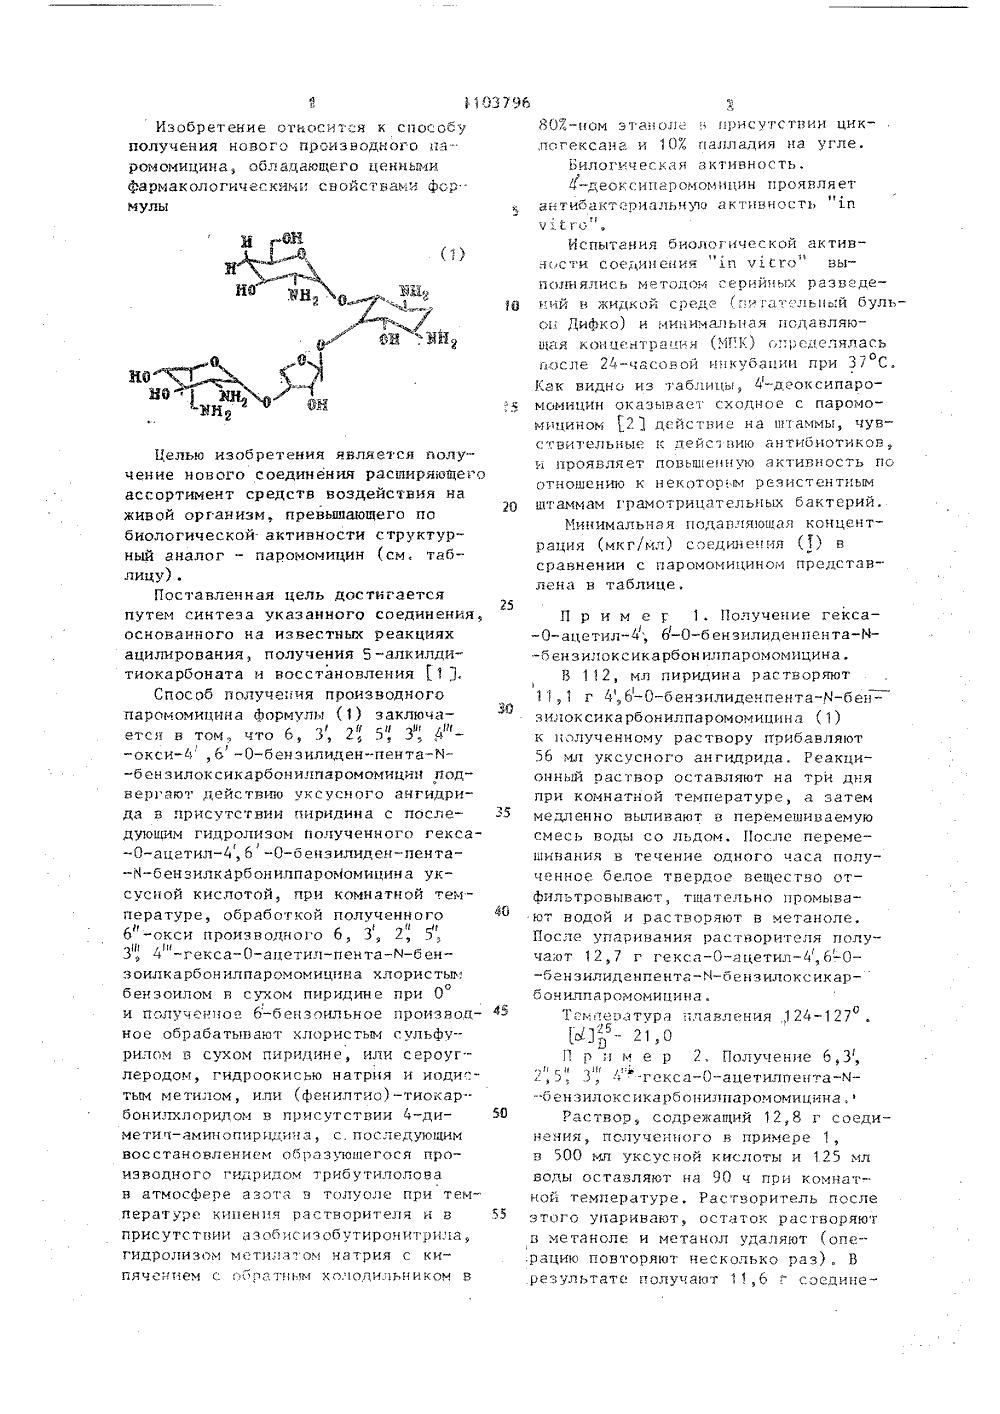 Паромомицин